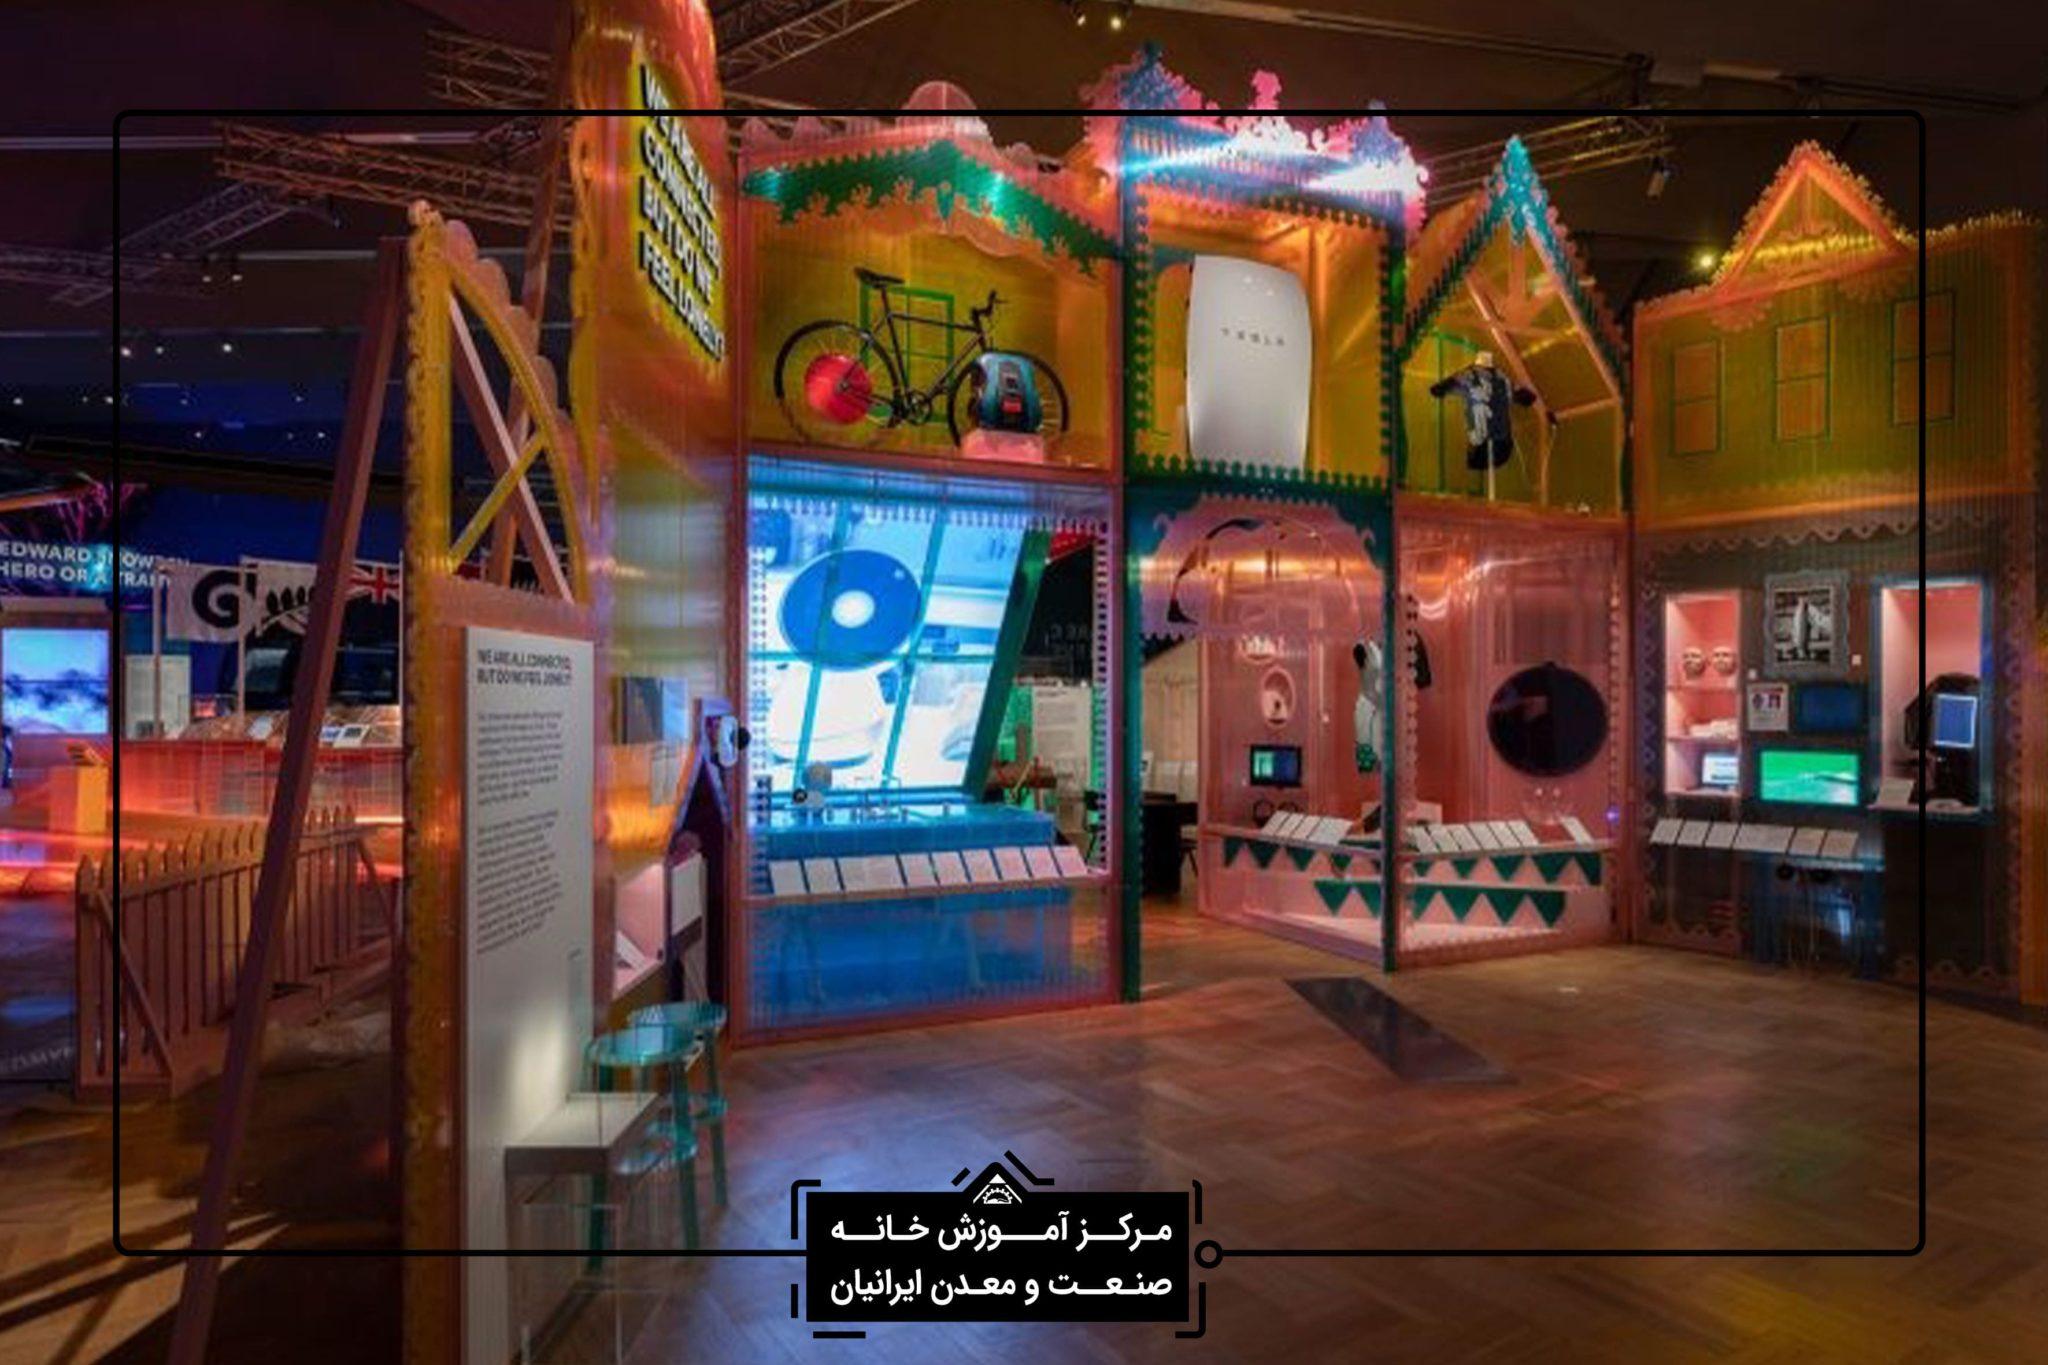 طراحی داخلی در شیراز - آموزش نرم افزار طراحی داخلی در شیراز